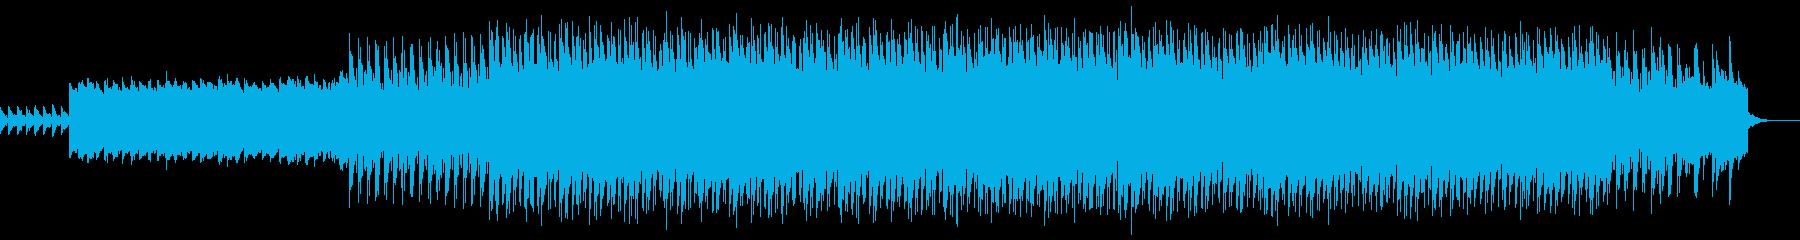 不気味でノイジーなシンセリードの曲の再生済みの波形